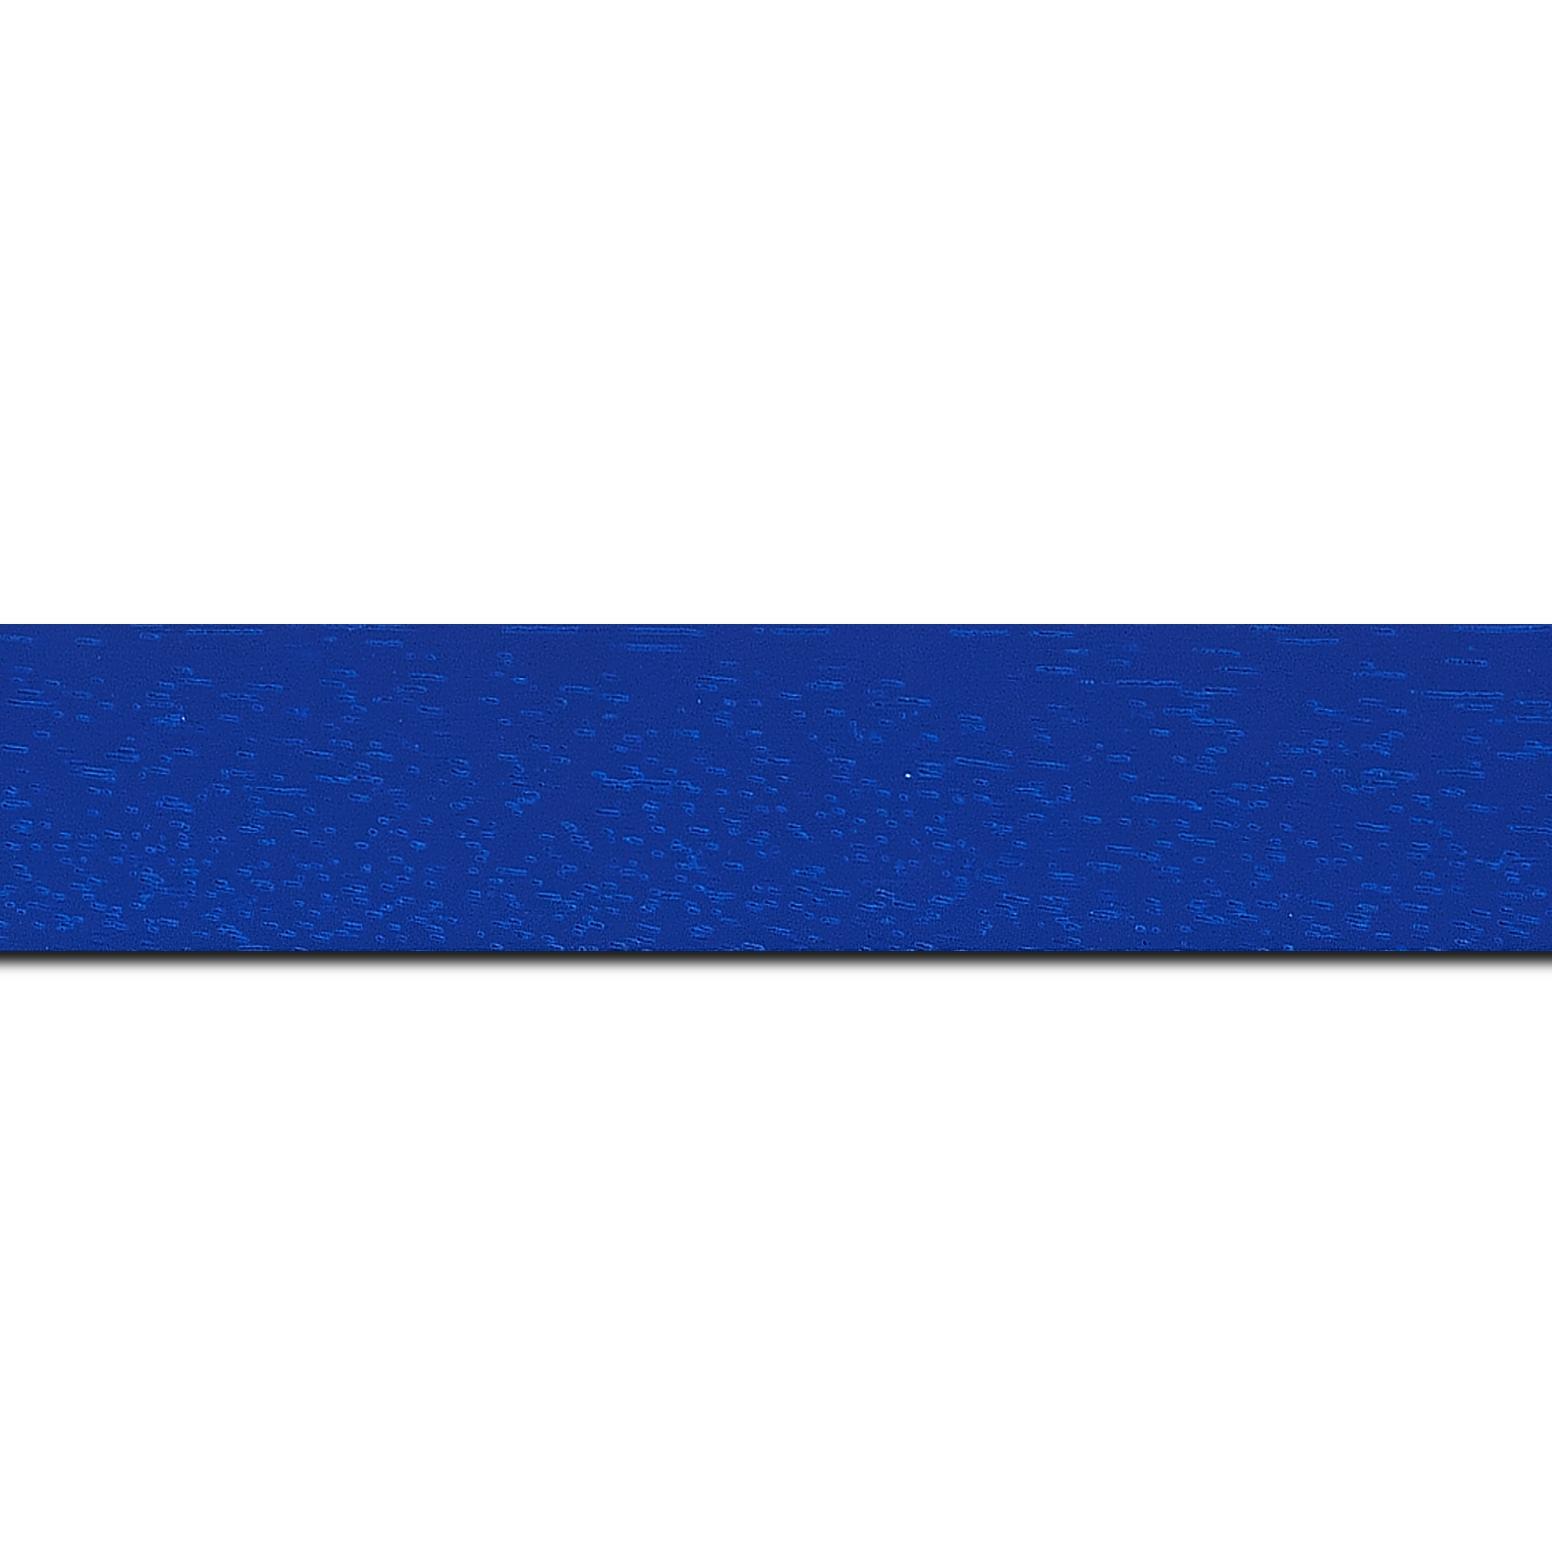 Pack par 12m, bois profil plat largeur 3cm couleur bleu grec satiné (longueur baguette pouvant varier entre 2.40m et 3m selon arrivage des bois)